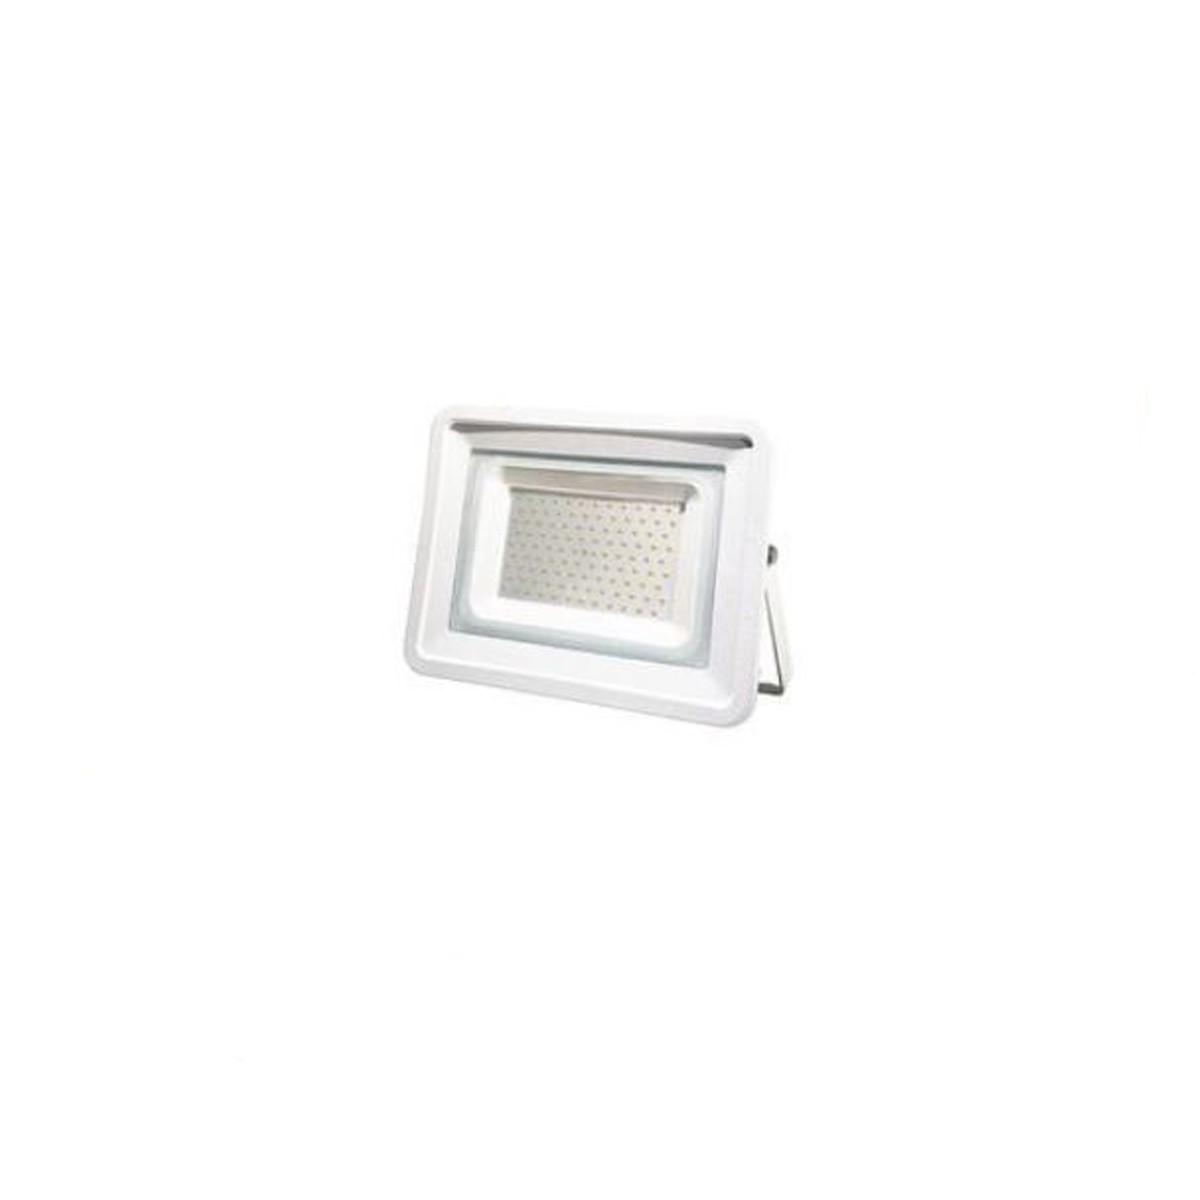 LIFE FARETTO SLIM BIANCO IP65, LED SMD Serie FA3, 100W, 110